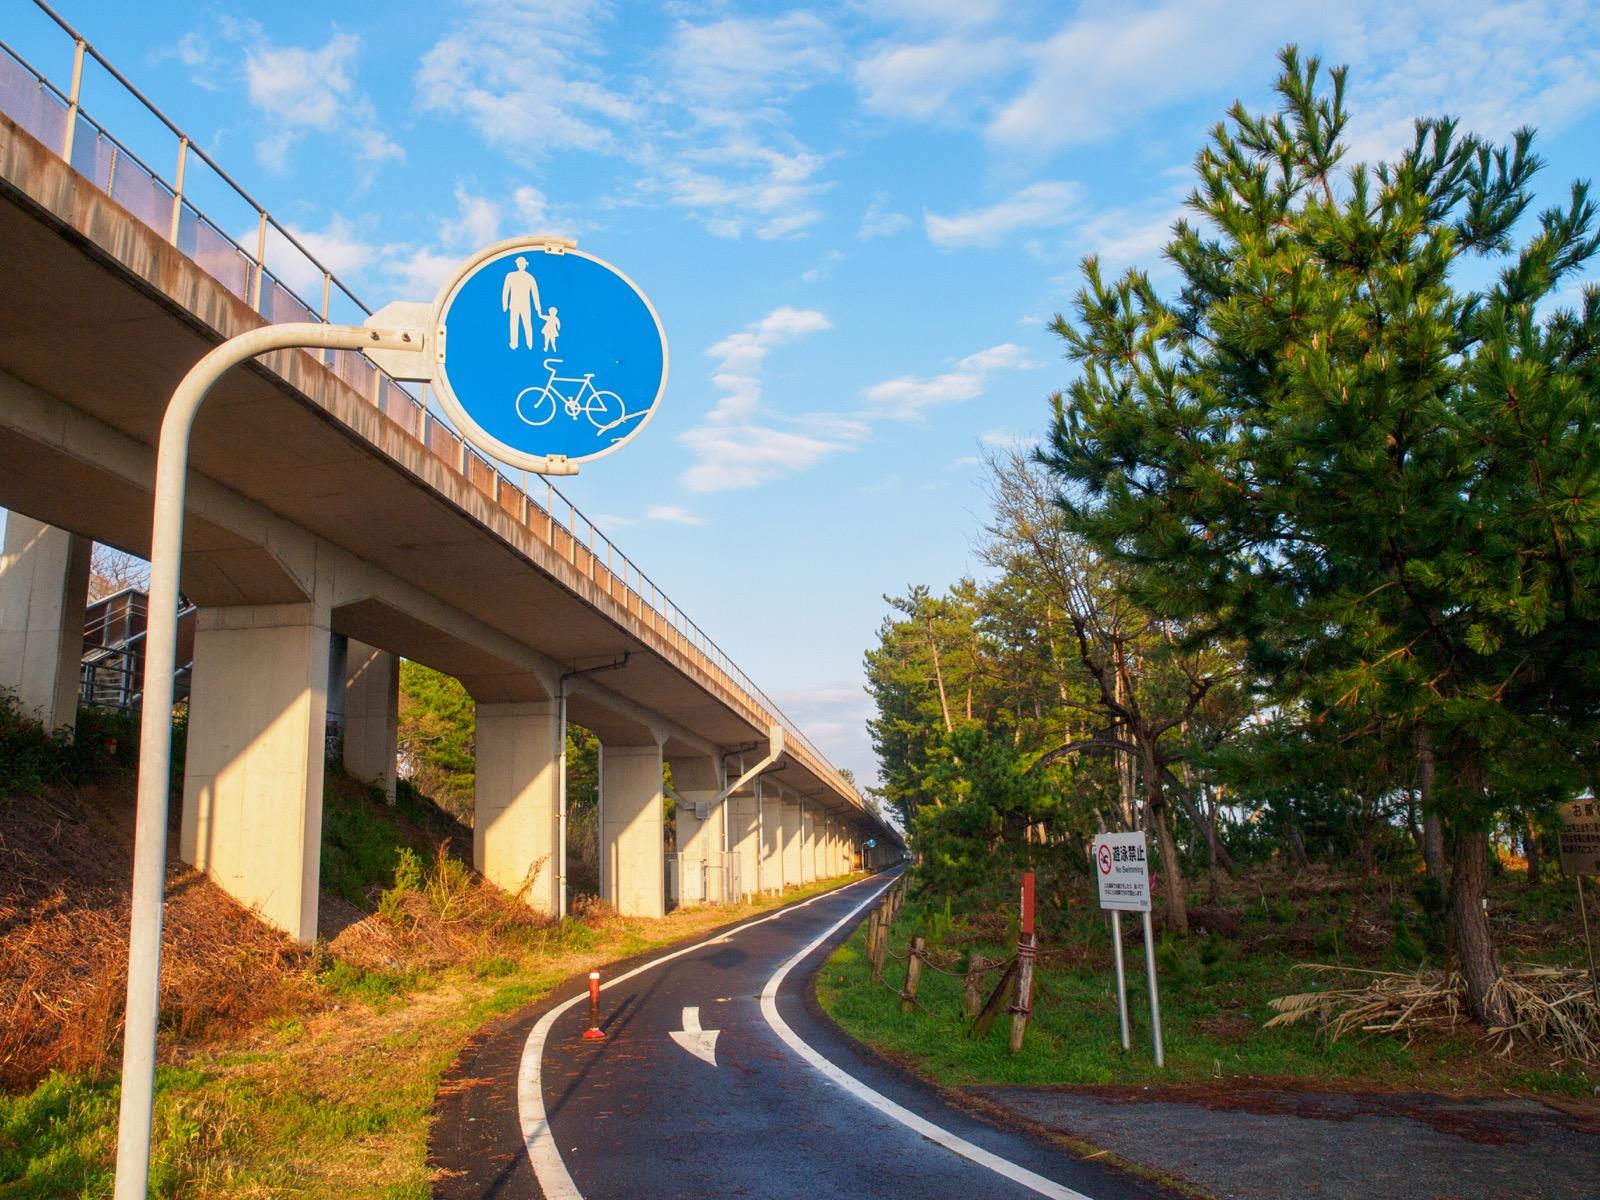 西分駅の下にある琴ヶ浜の松原とサイクリングロード